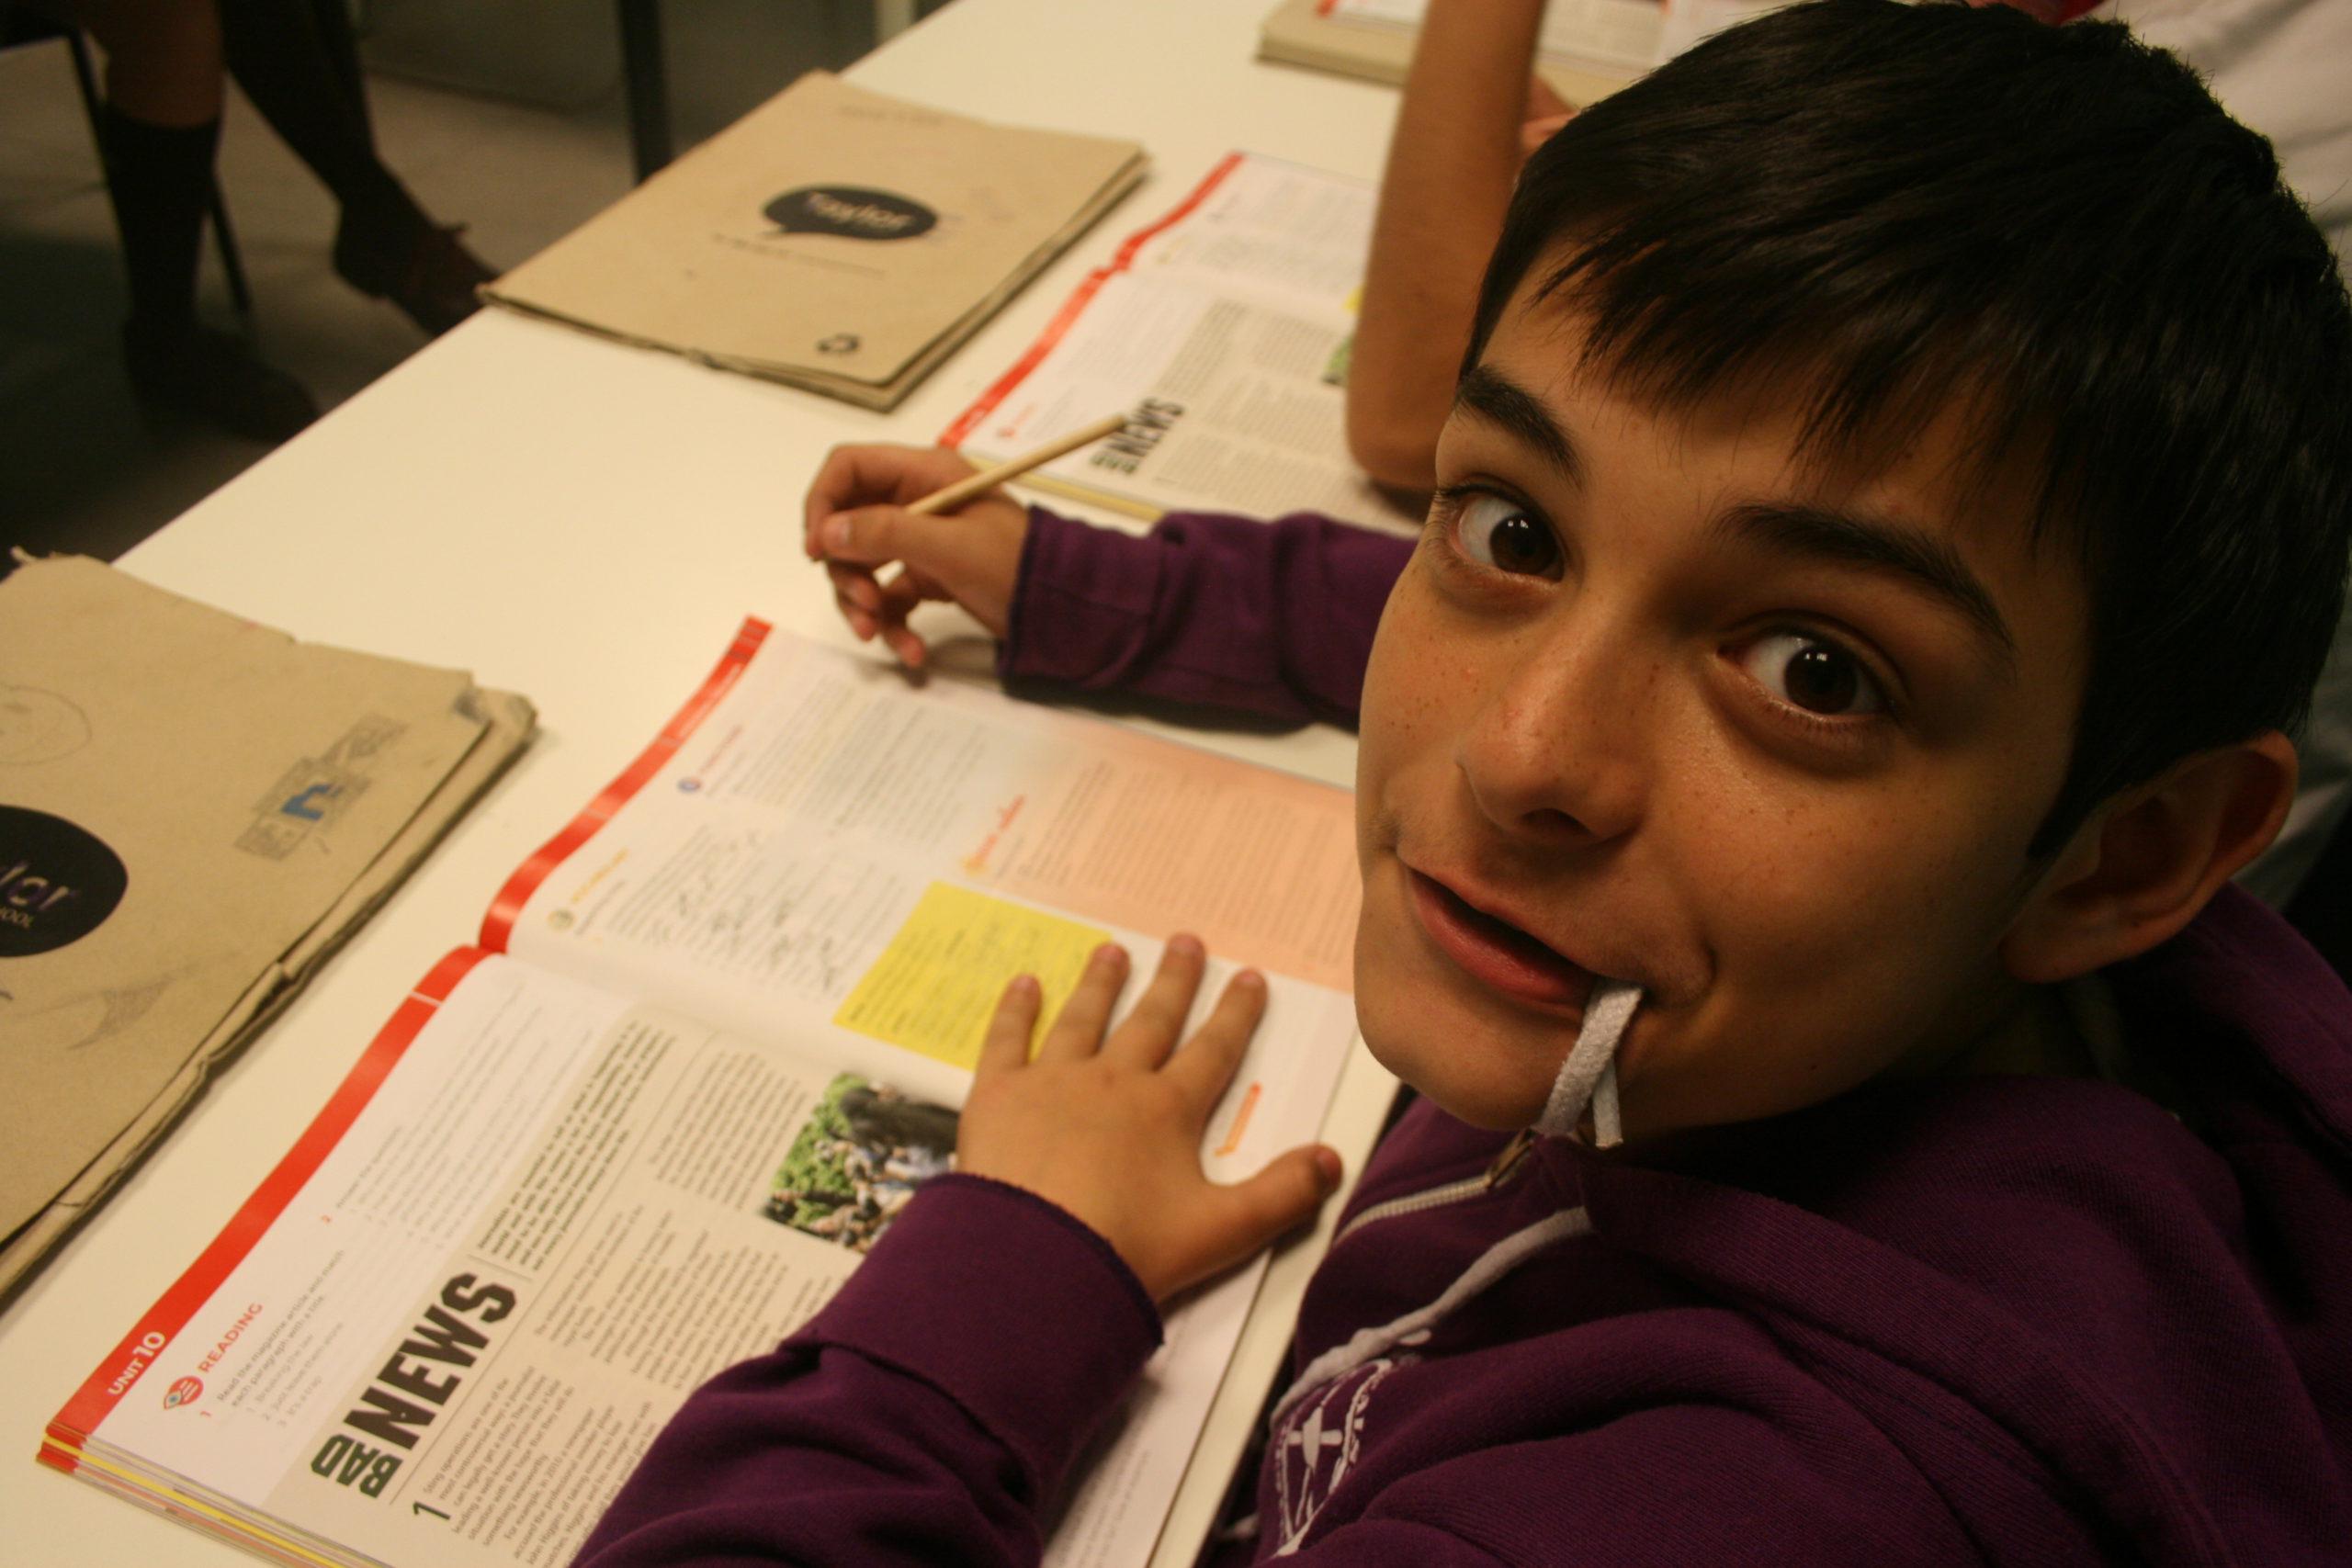 Academias de inglés en Oviedo clases particulares y profesores nativos